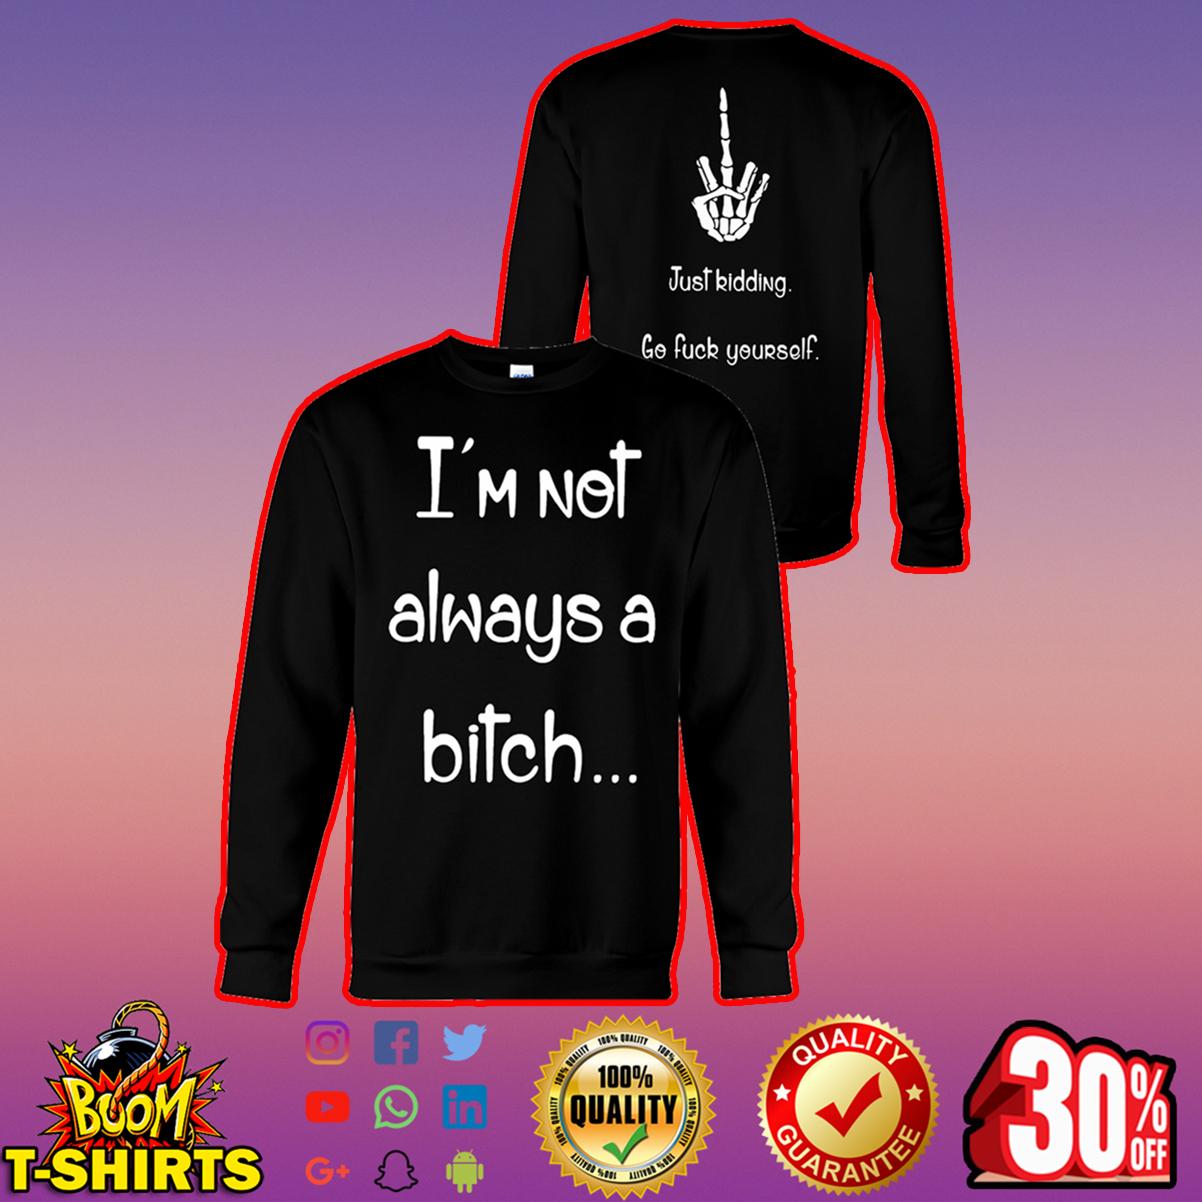 I'm not always a bitch just kidding go fuck yourseft sweatshirt